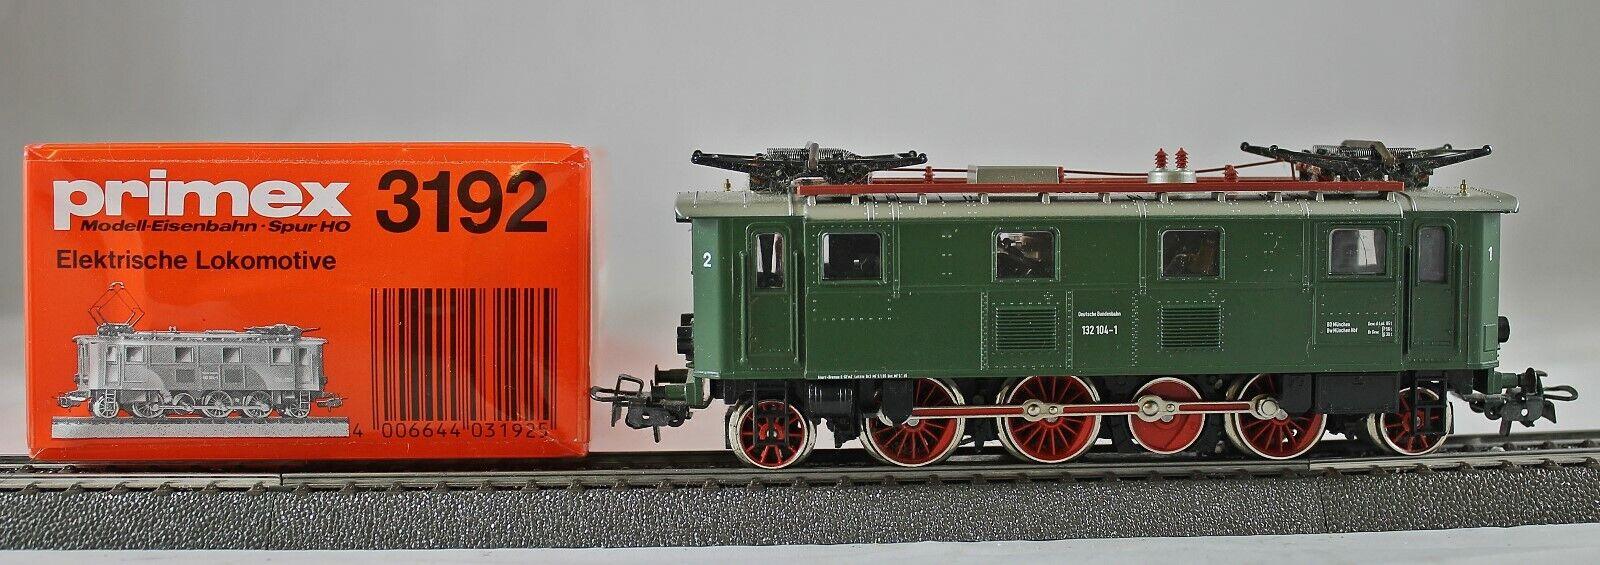 marklin PRIMEX 3192 elektrolokomotive BR 132 delle DB da collezione con scatola originale